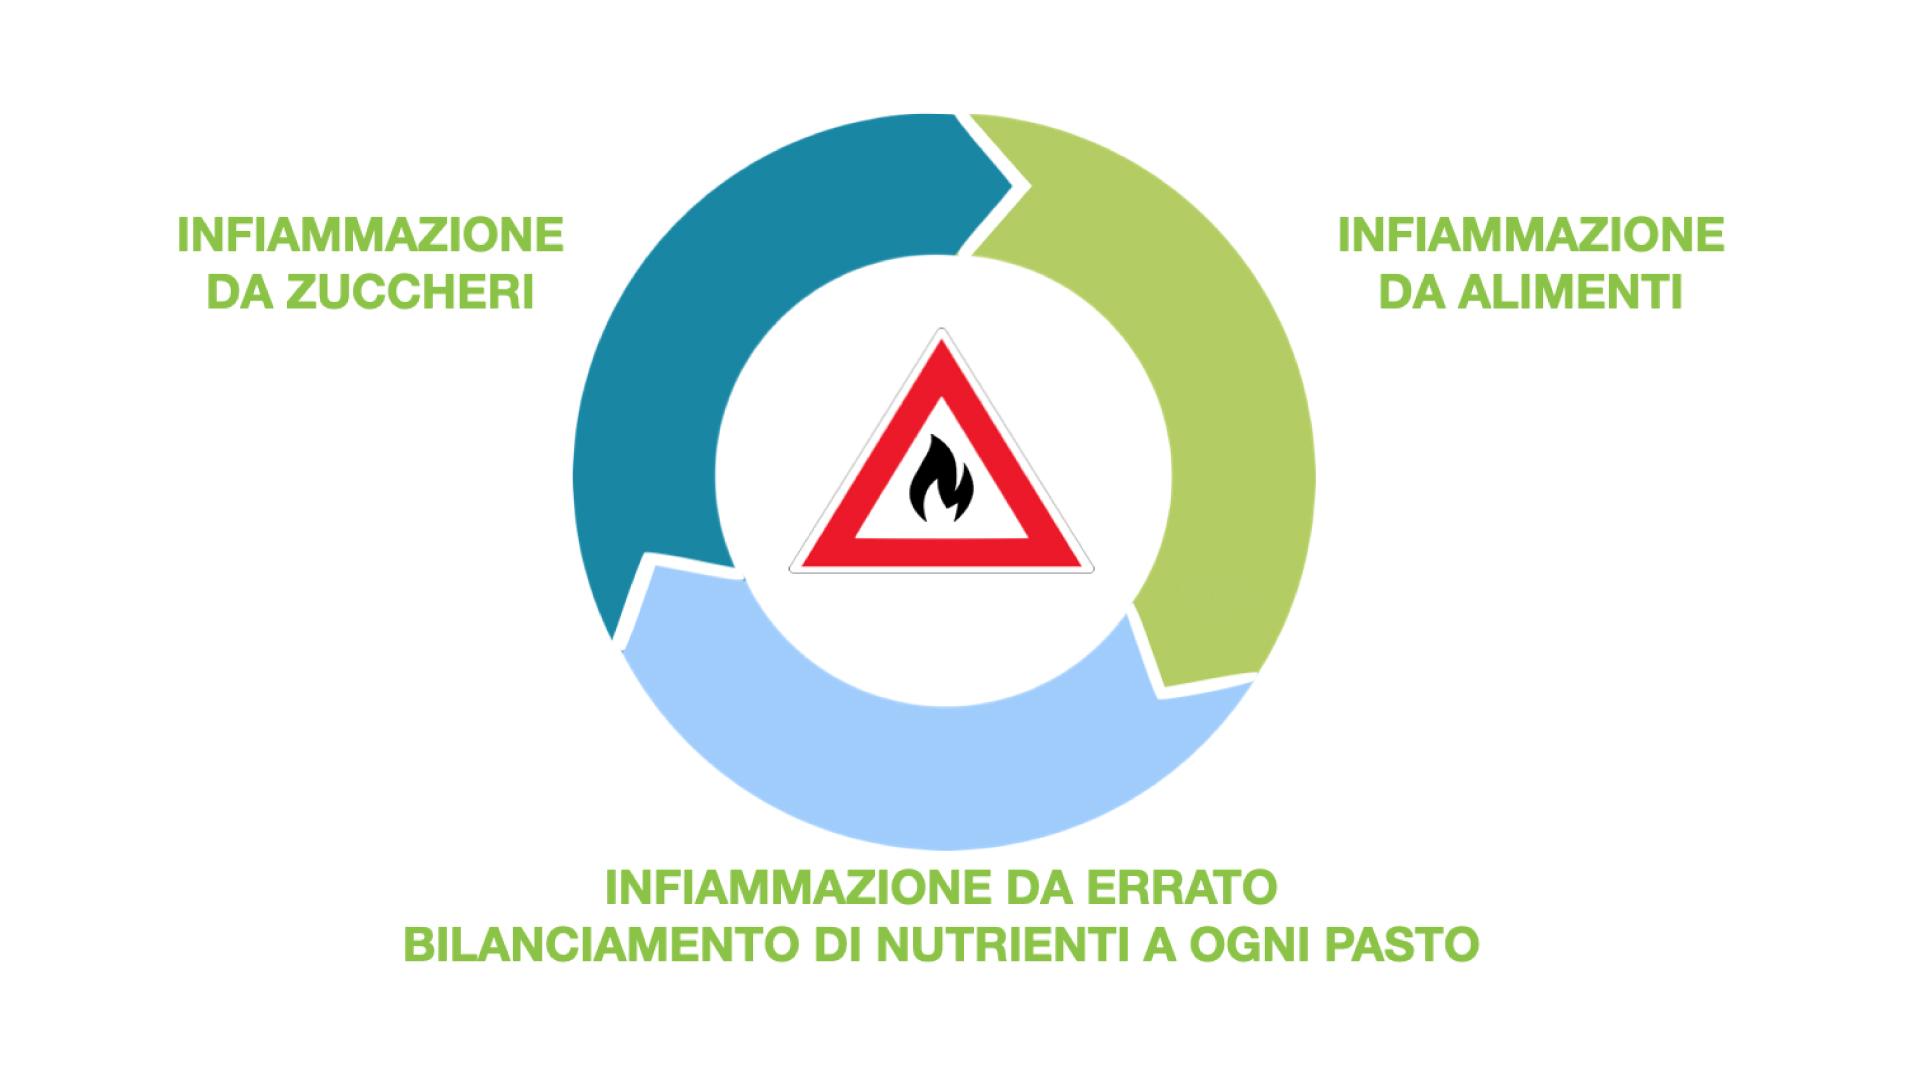 Farmacia Sagrada - Recaller test- Intolleranze e infiammazione alimentare